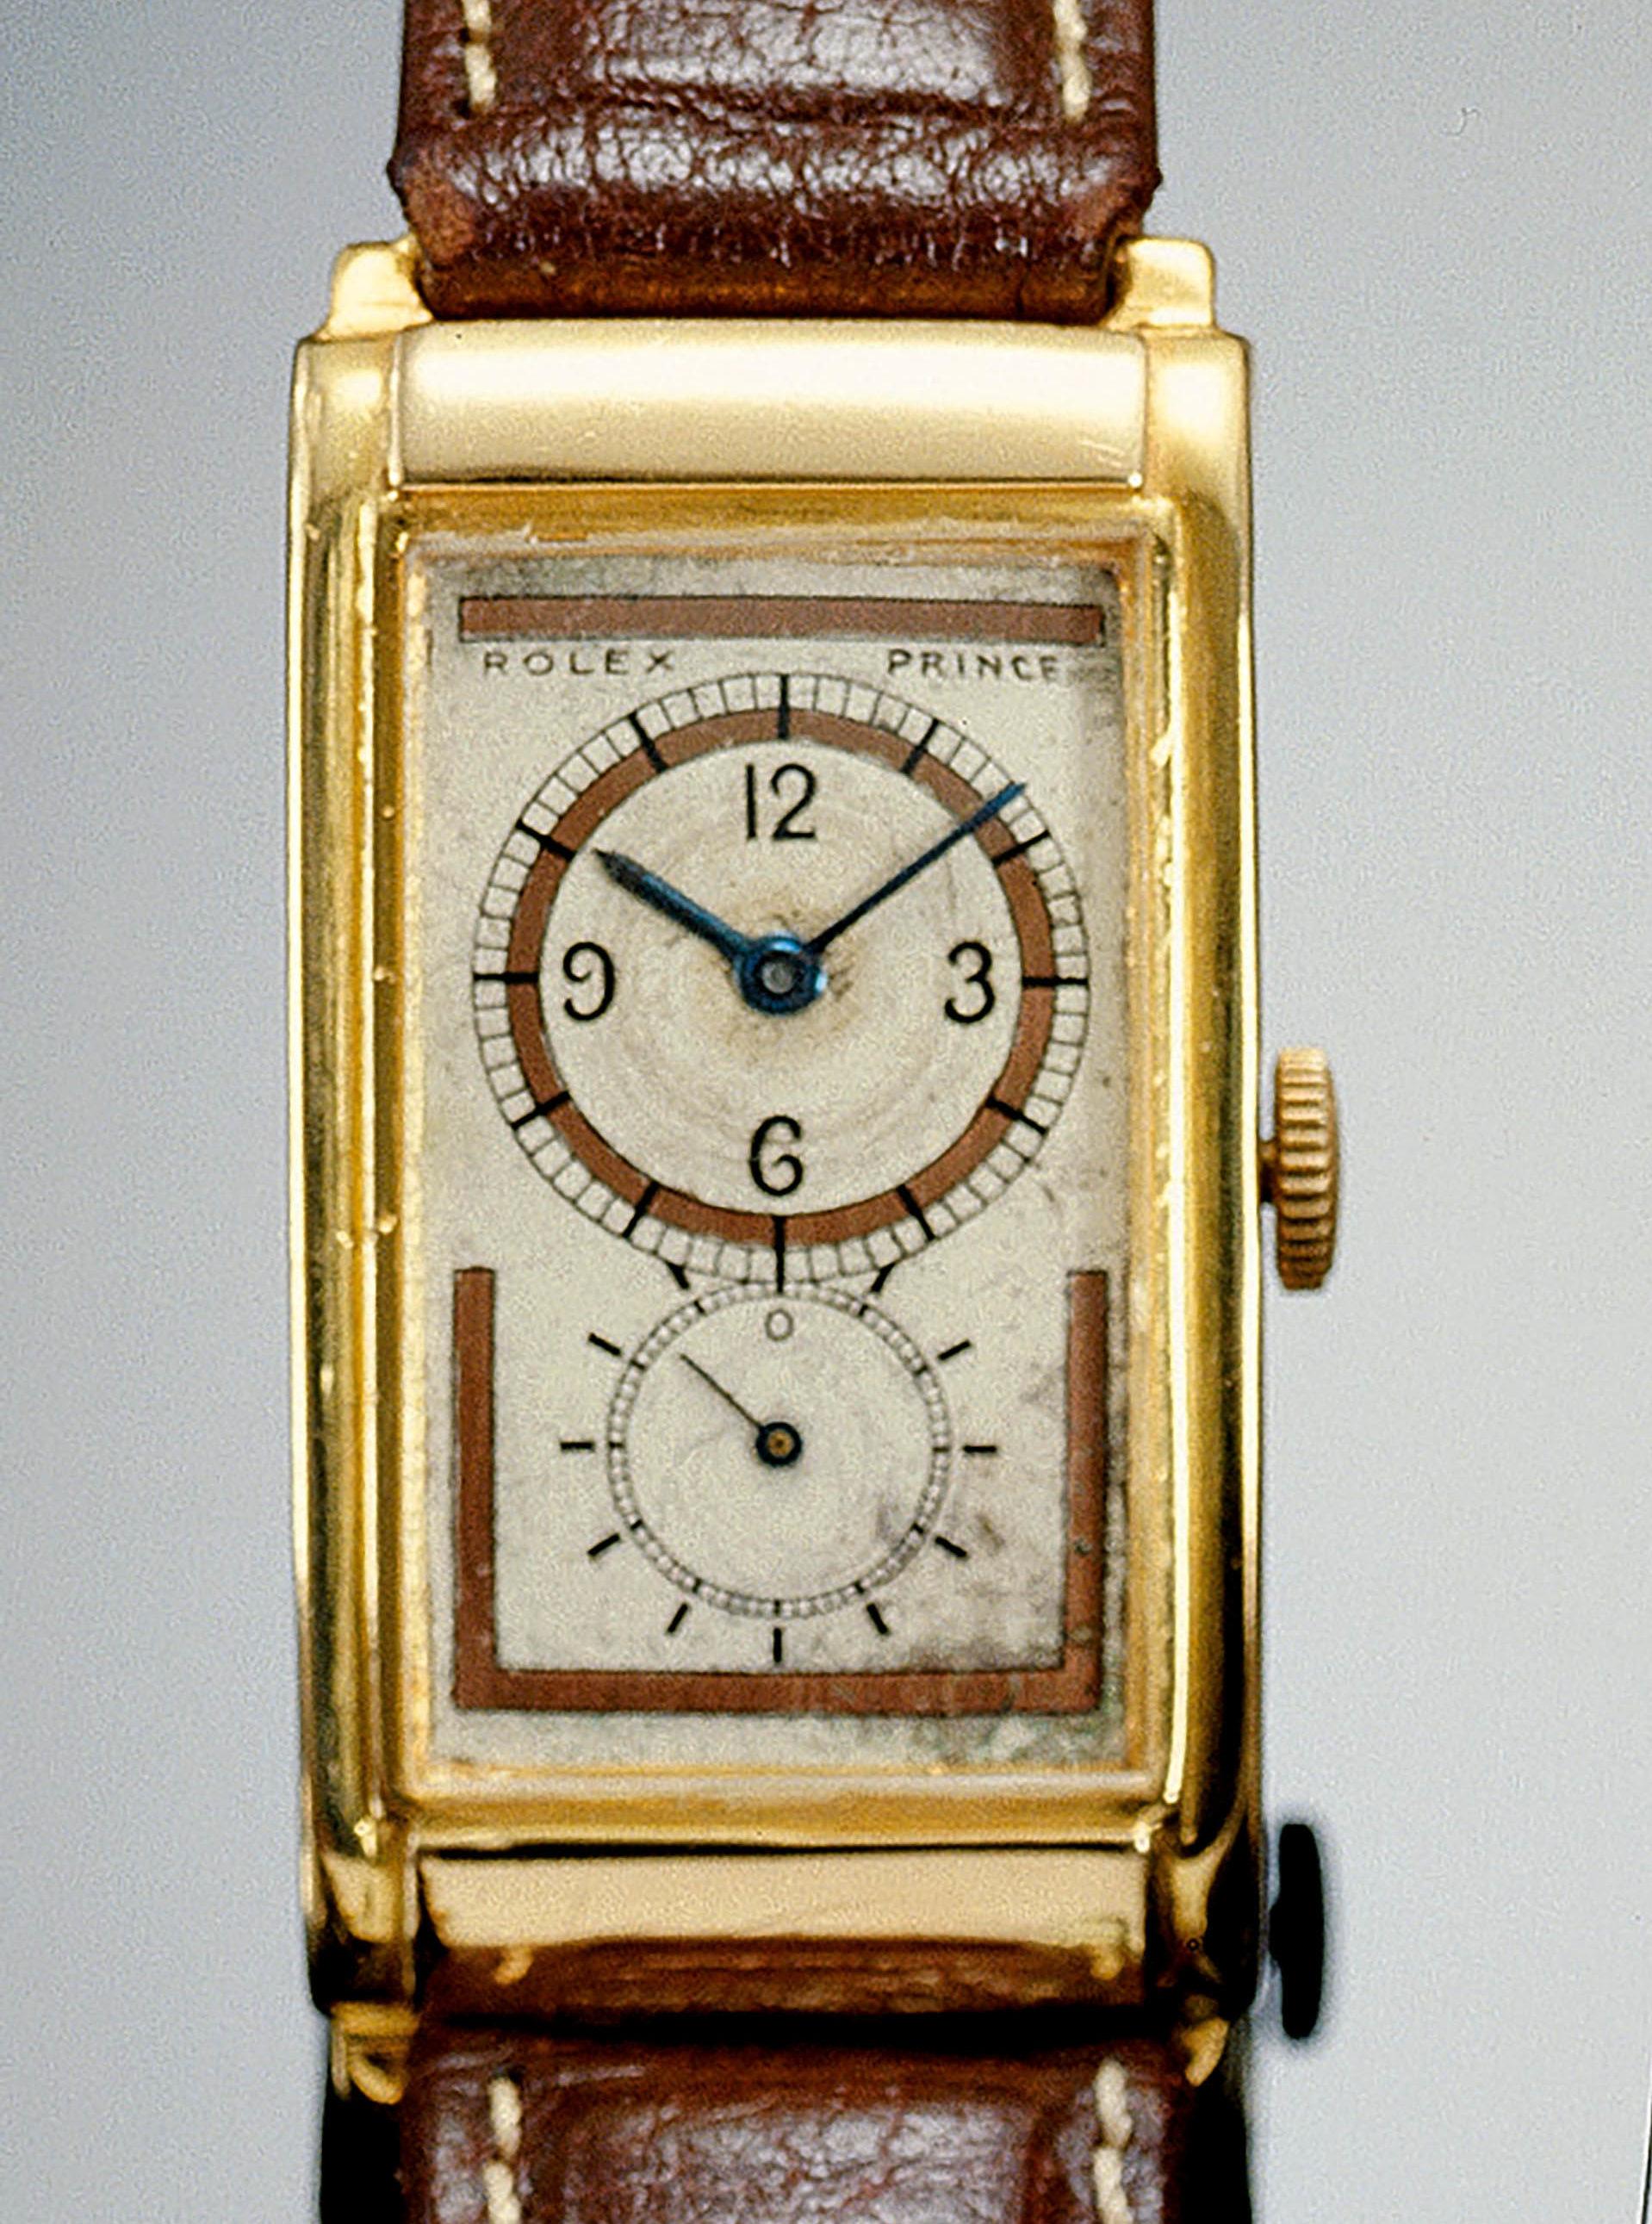 Rolex Prince von 1935